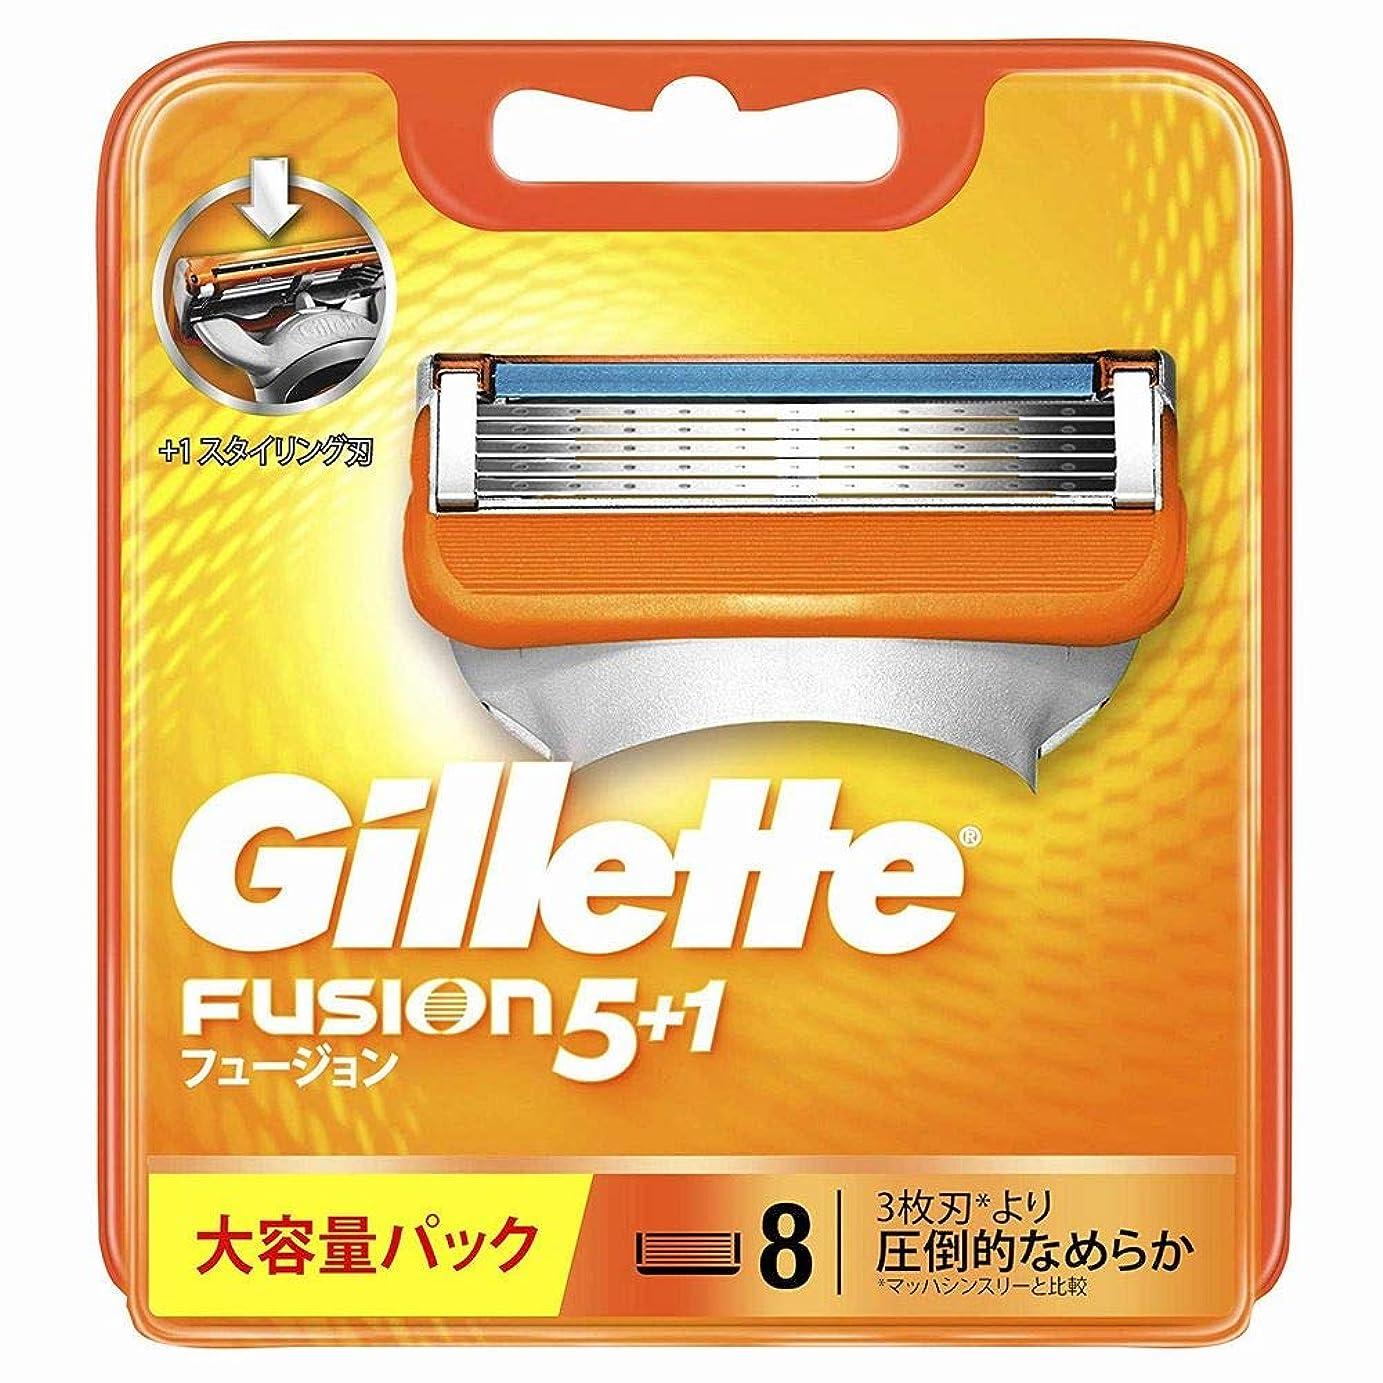 提唱する時系列プラスジレット 髭剃り フュージョン5+1 替刃8個入